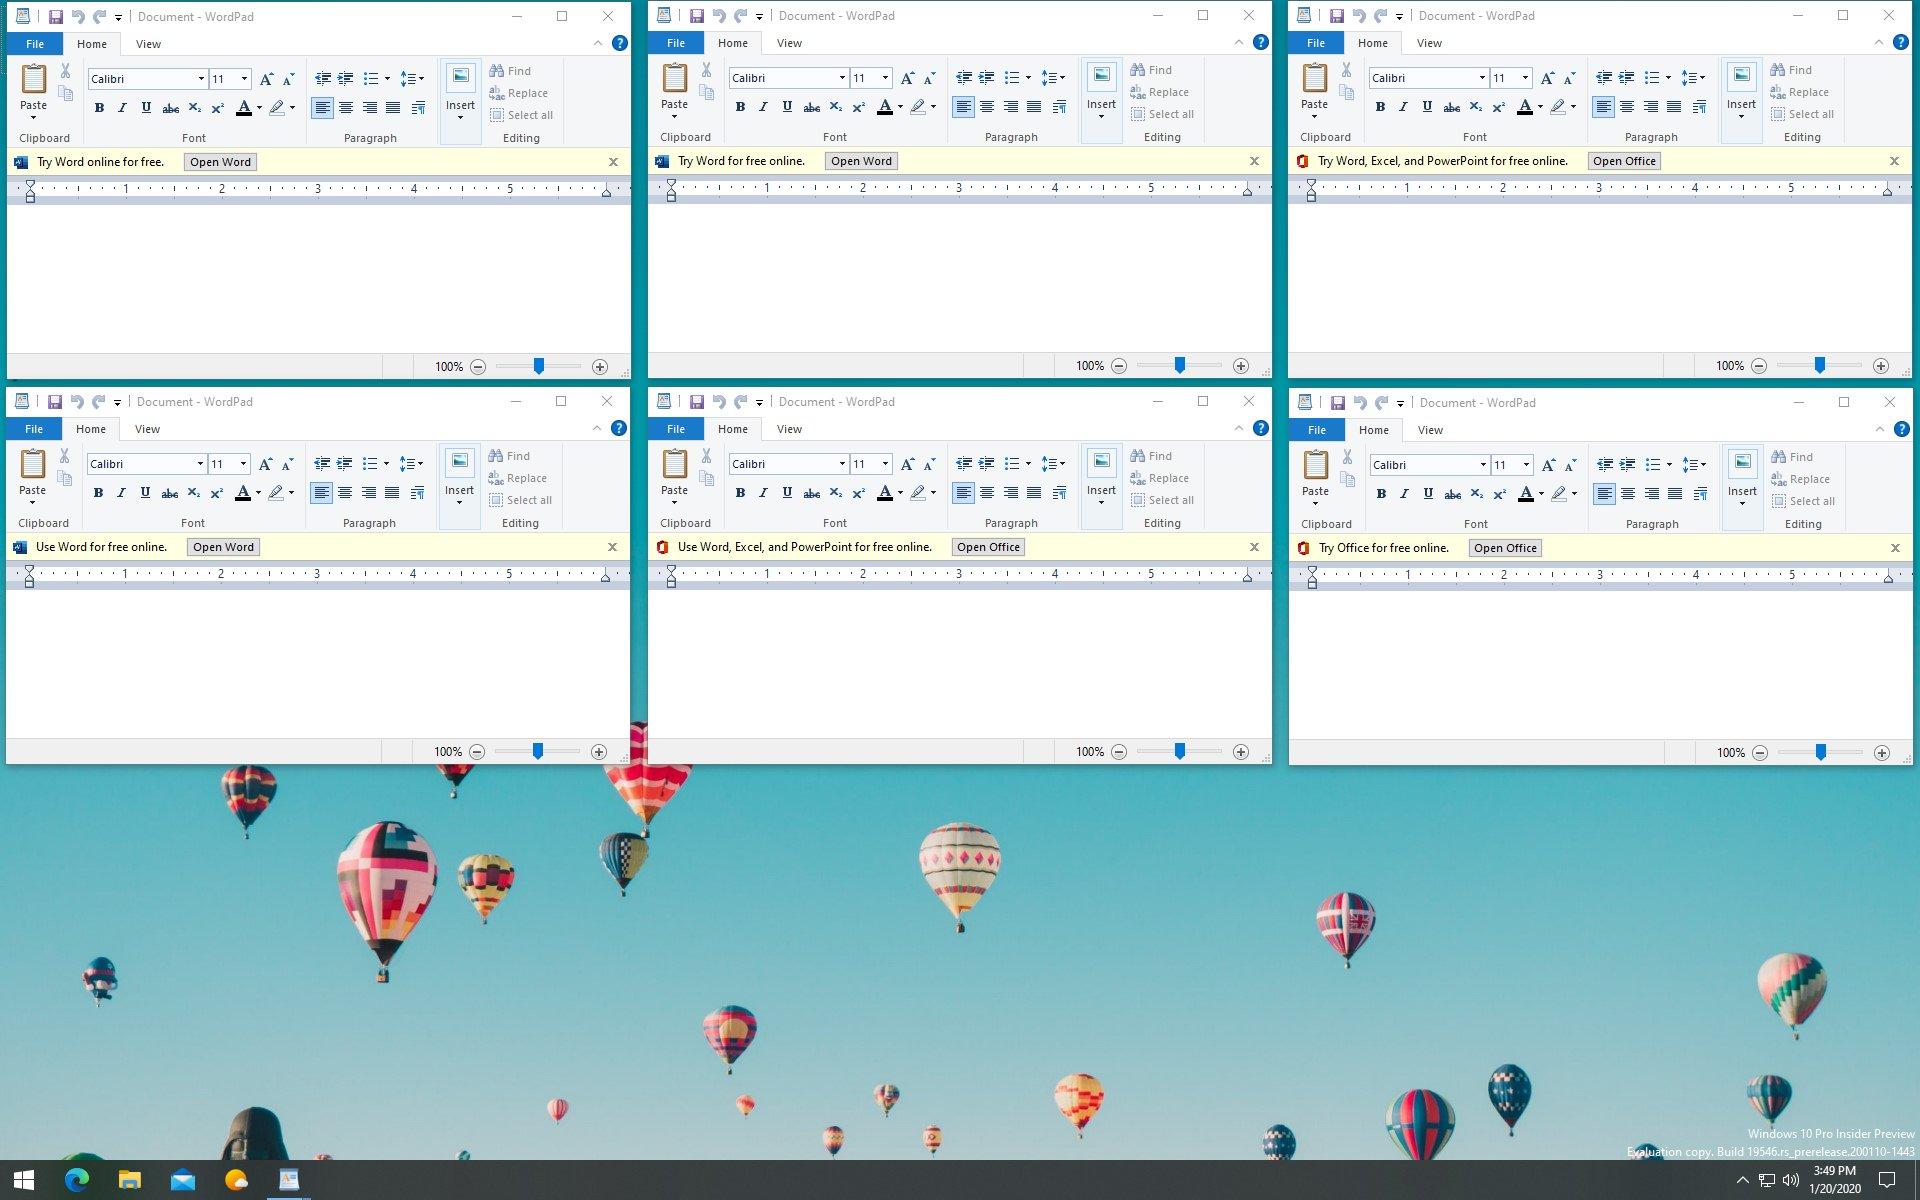 Microsoft WordPad pubblicità per Office Online